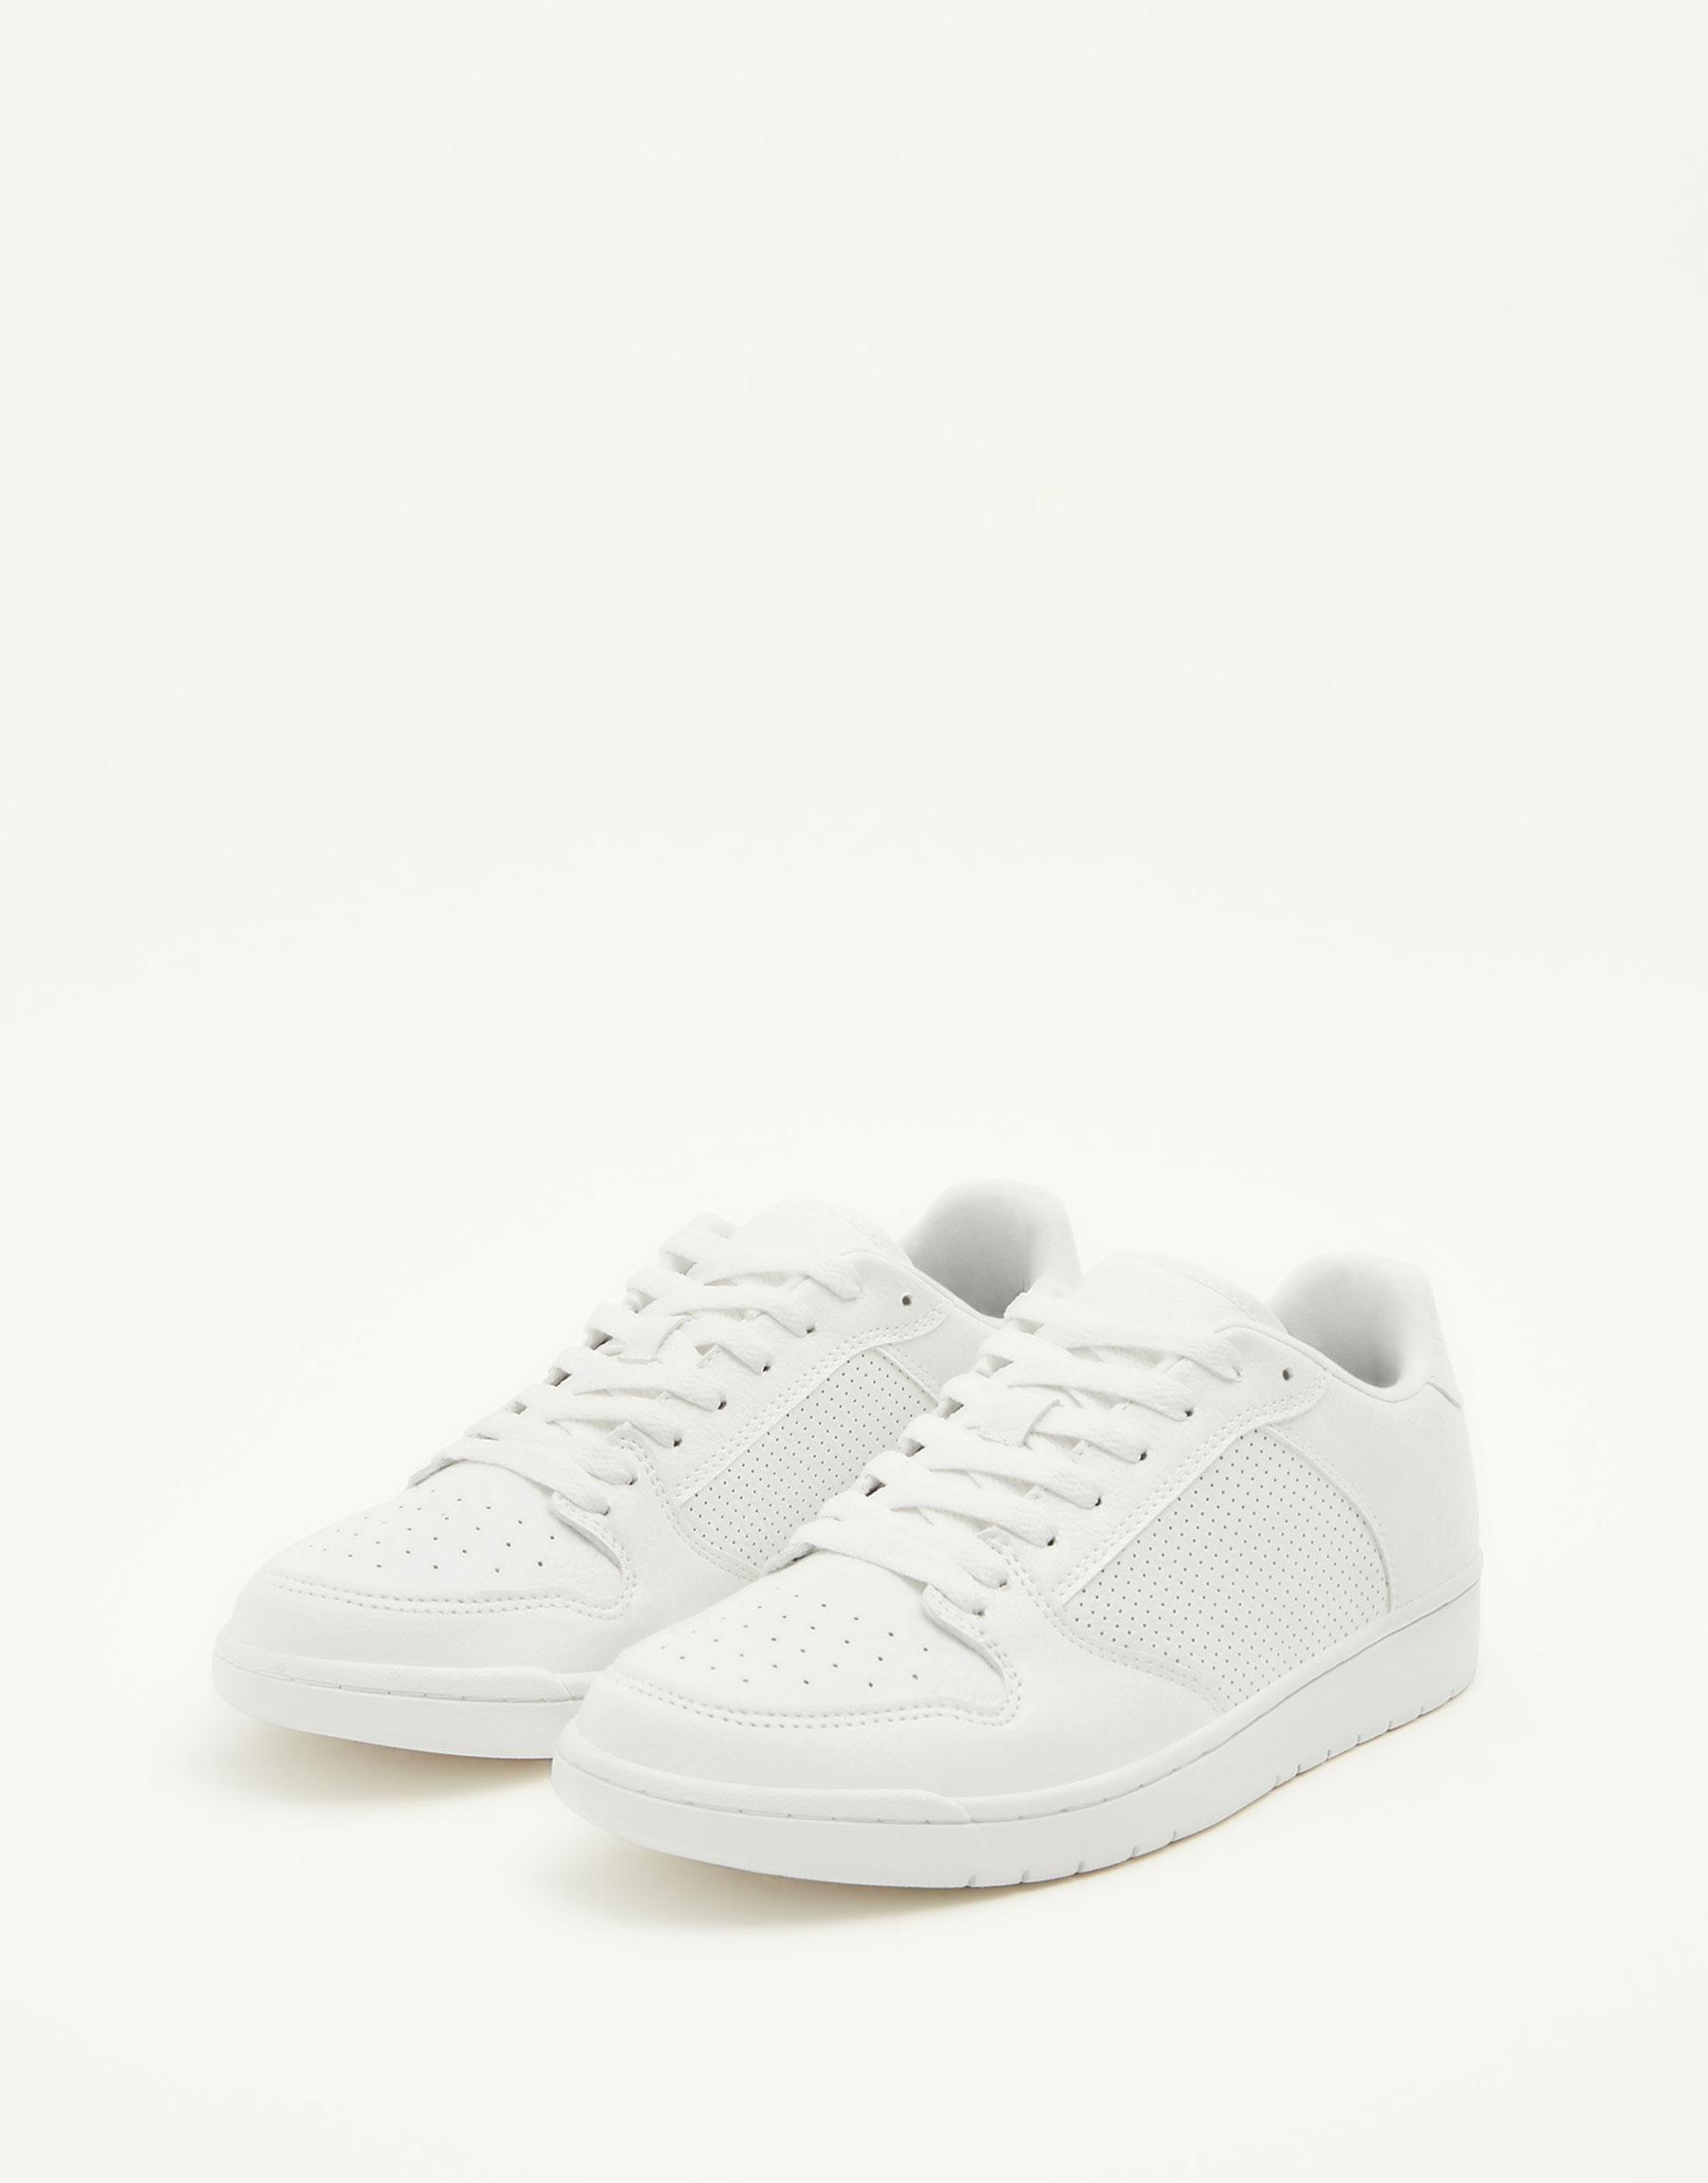 White retro basketball sneakers